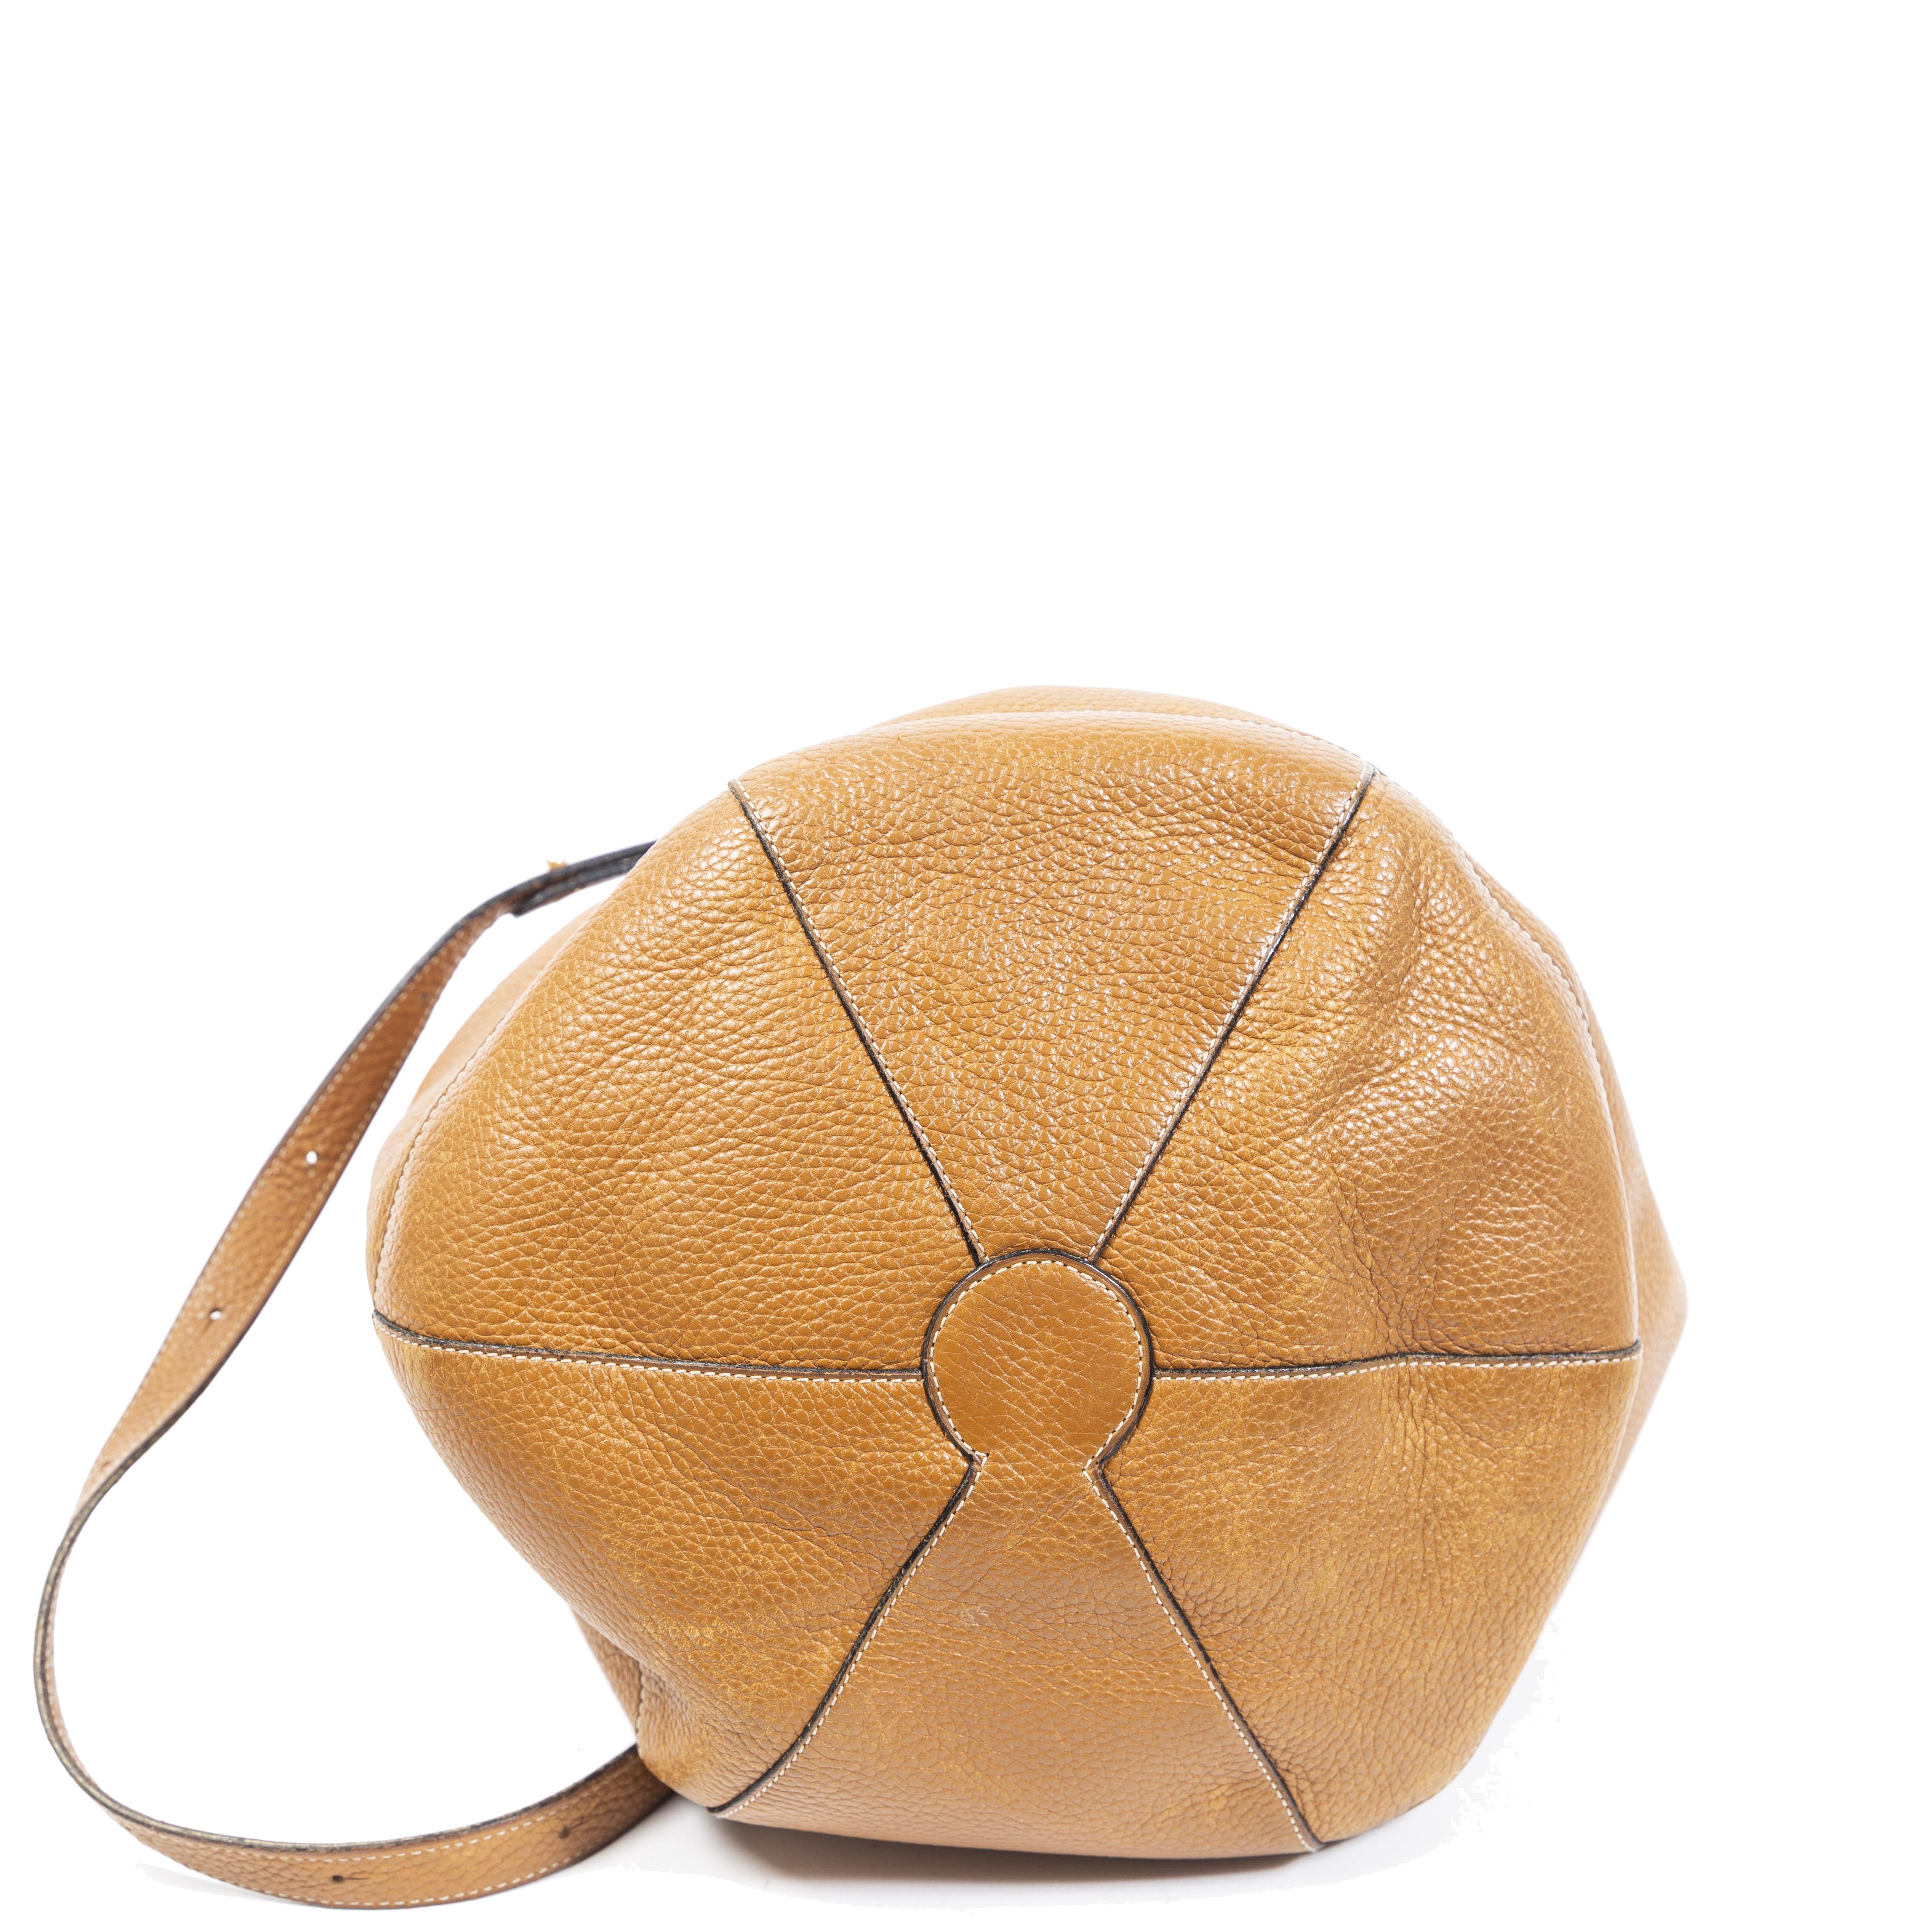 Authentieke Tweedehands Delvaux Camel Bucket Bag juiste prijs veilig online shoppen luxe merken webshop winkelen Antwerpen België mode fashion